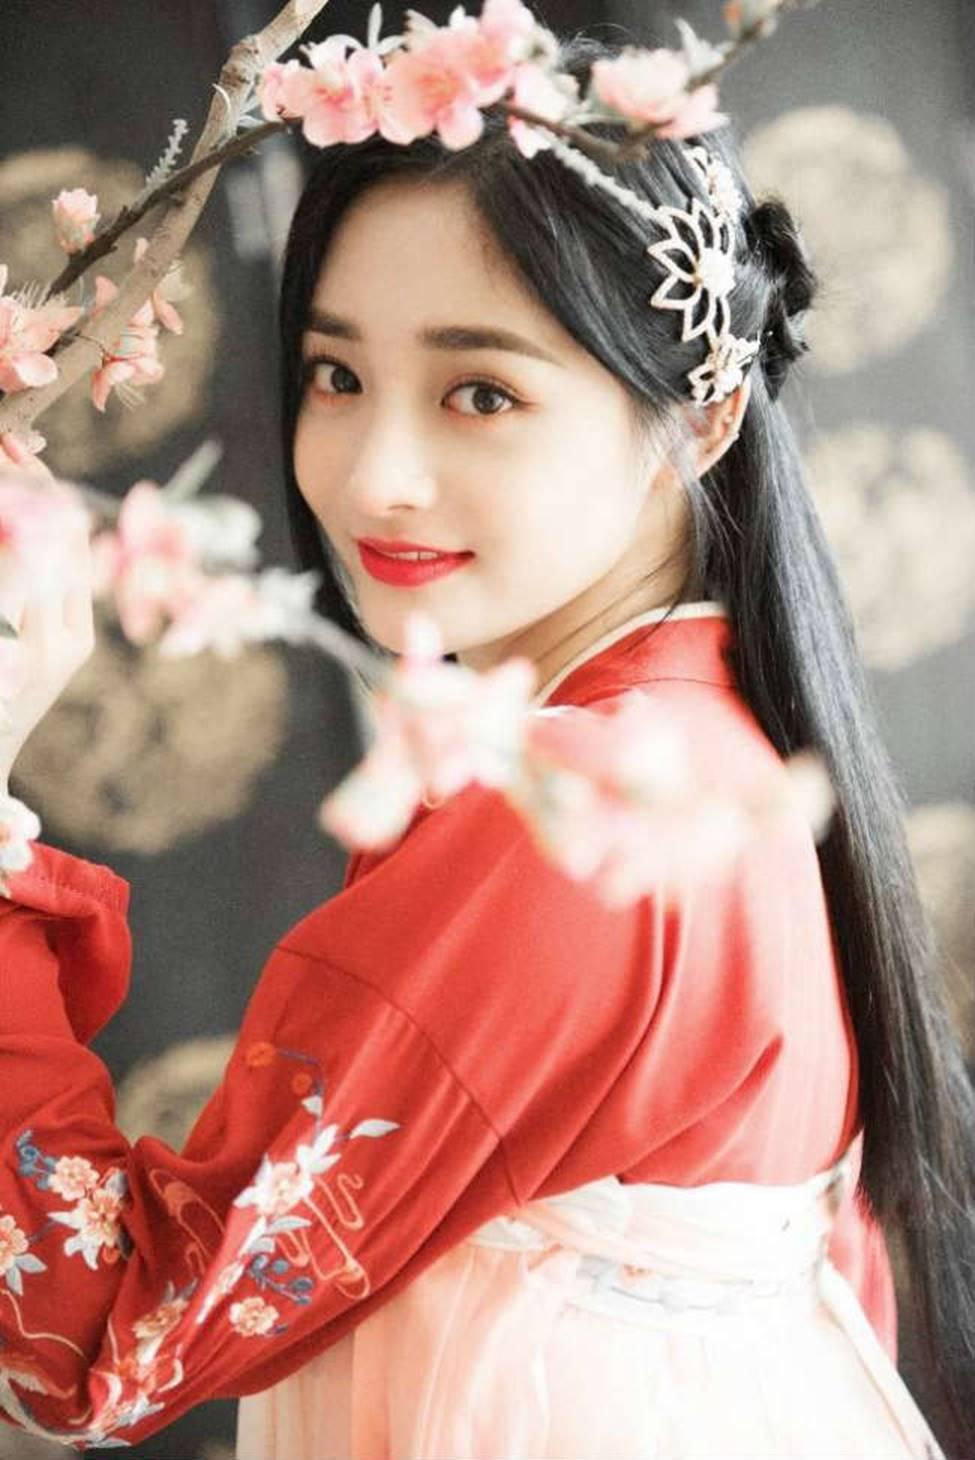 Dung mạo như hoa của bạn gái tin đồn thiếu gia giàu nhất Trung Quốc-8